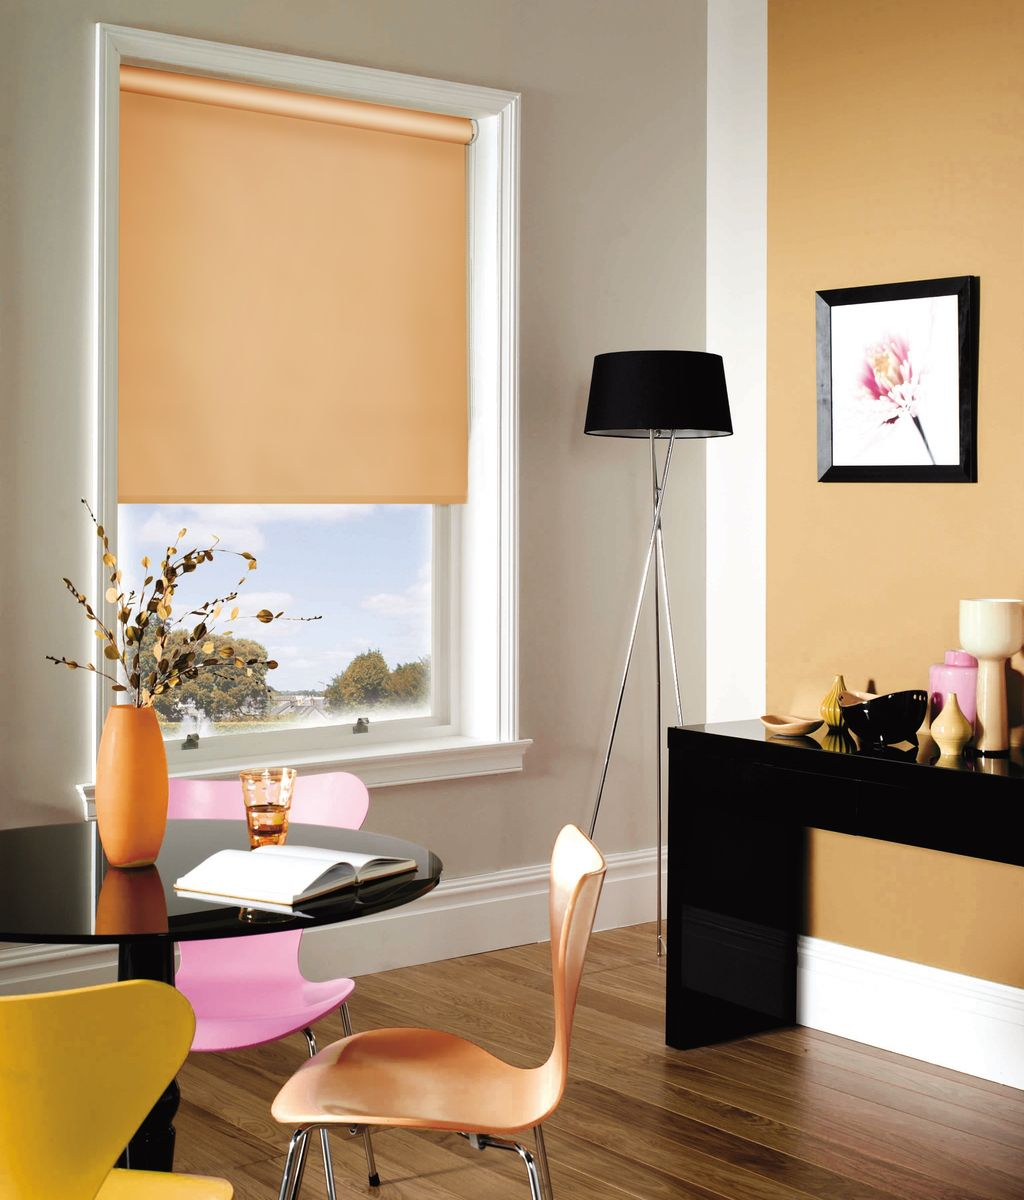 Штора рулонная Эскар Миниролло, цвет: светлый абрикос, ширина 57 см, высота 170 см31012057170Рулонными шторами можно оформлять окна как самостоятельно, так и использовать в комбинации с портьерами. Это поможет предотвратить выгорание дорогой ткани на солнце и соединит функционал рулонных с красотой навесных. Преимущества применения рулонных штор для пластиковых окон: - имеют прекрасный внешний вид: многообразие и фактурность материала изделия отлично смотрятся в любом интерьере;- многофункциональны: есть возможность подобрать шторы способные эффективно защитить комнату от солнца, при этом она не будет слишком темной. - Есть возможность осуществить быстрый монтаж.ВНИМАНИЕ! Размеры ширины изделия указаны по ширине ткани! Во время эксплуатации не рекомендуется полностью разматывать рулон, чтобы не оторвать ткань от намоточного вала. В случае загрязнения поверхности ткани, чистку шторы проводят одним из способов, в зависимости от типа загрязнения:легкое поверхностное загрязнение можно удалить при помощи канцелярского ластика;чистка от пыли производится сухим методом при помощи пылесоса с мягкой щеткой-насадкой;для удаления пятна используйте мягкую губку с пенообразующим неагрессивным моющим средством или пятновыводитель на натуральной основе (нельзя применять растворители).